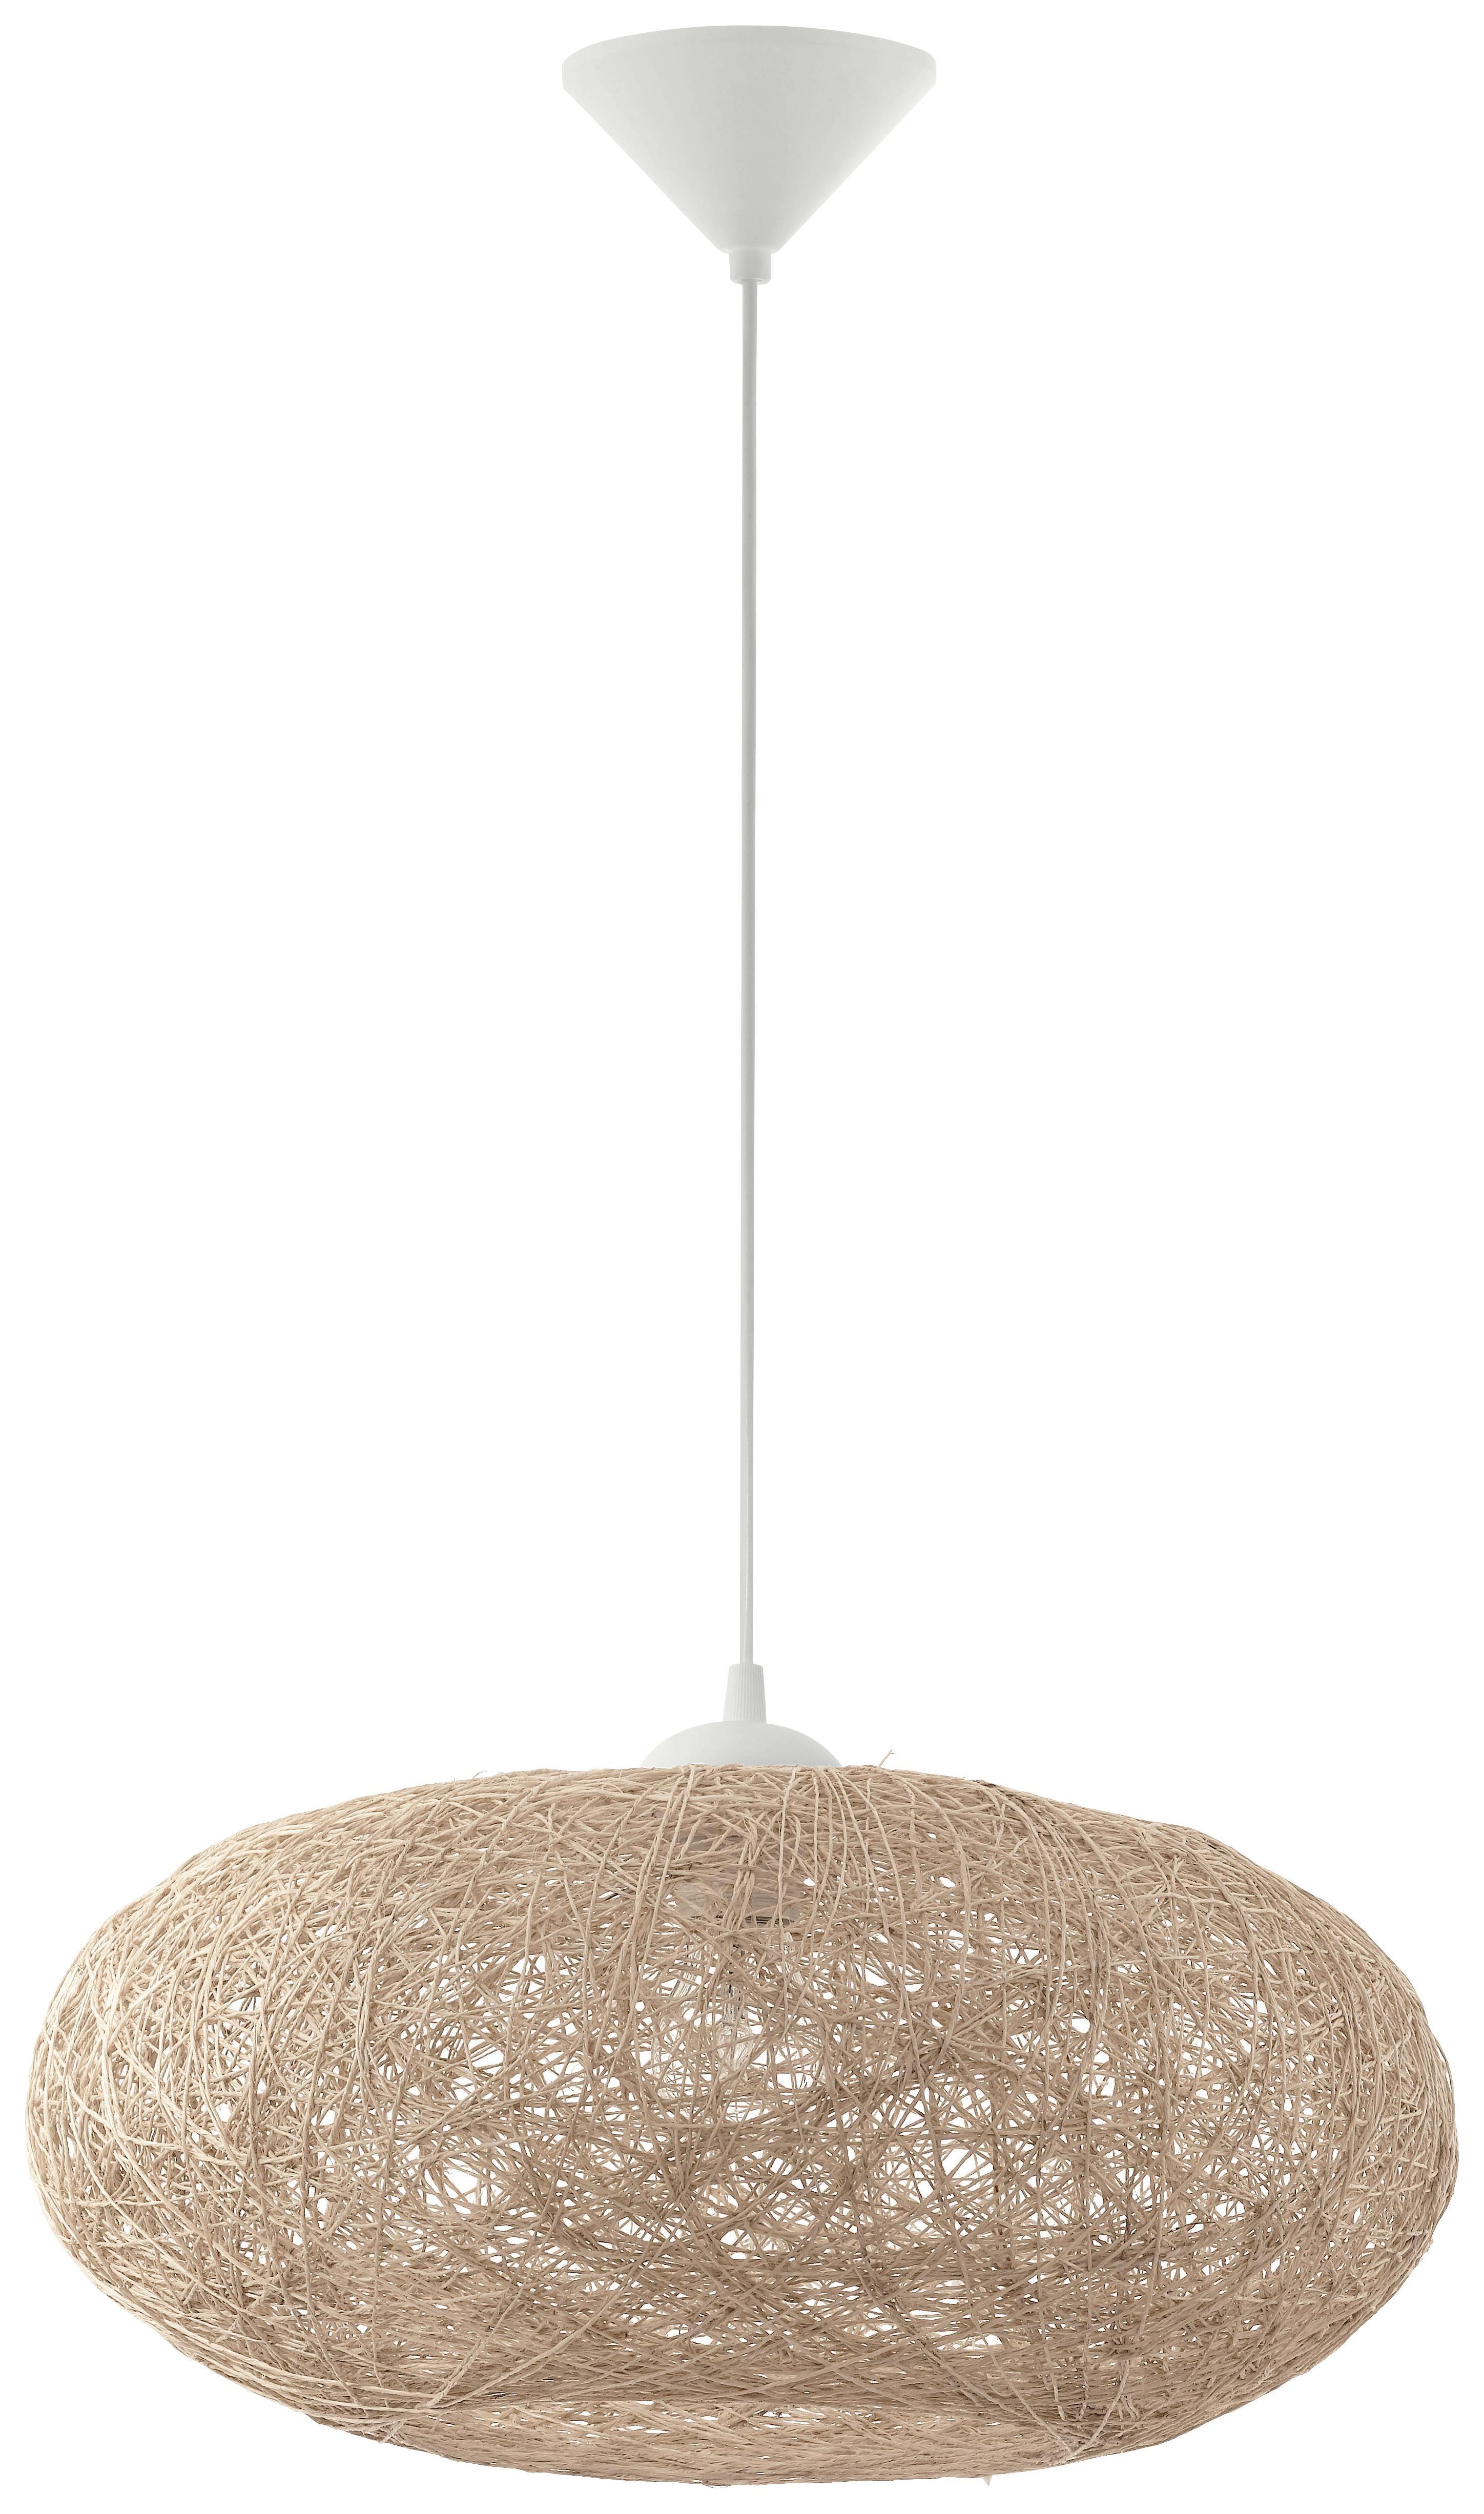 Hängeleuchte Campilo - Beige/Weiß, MODERN, Kunststoff/Textil (45/110cm)